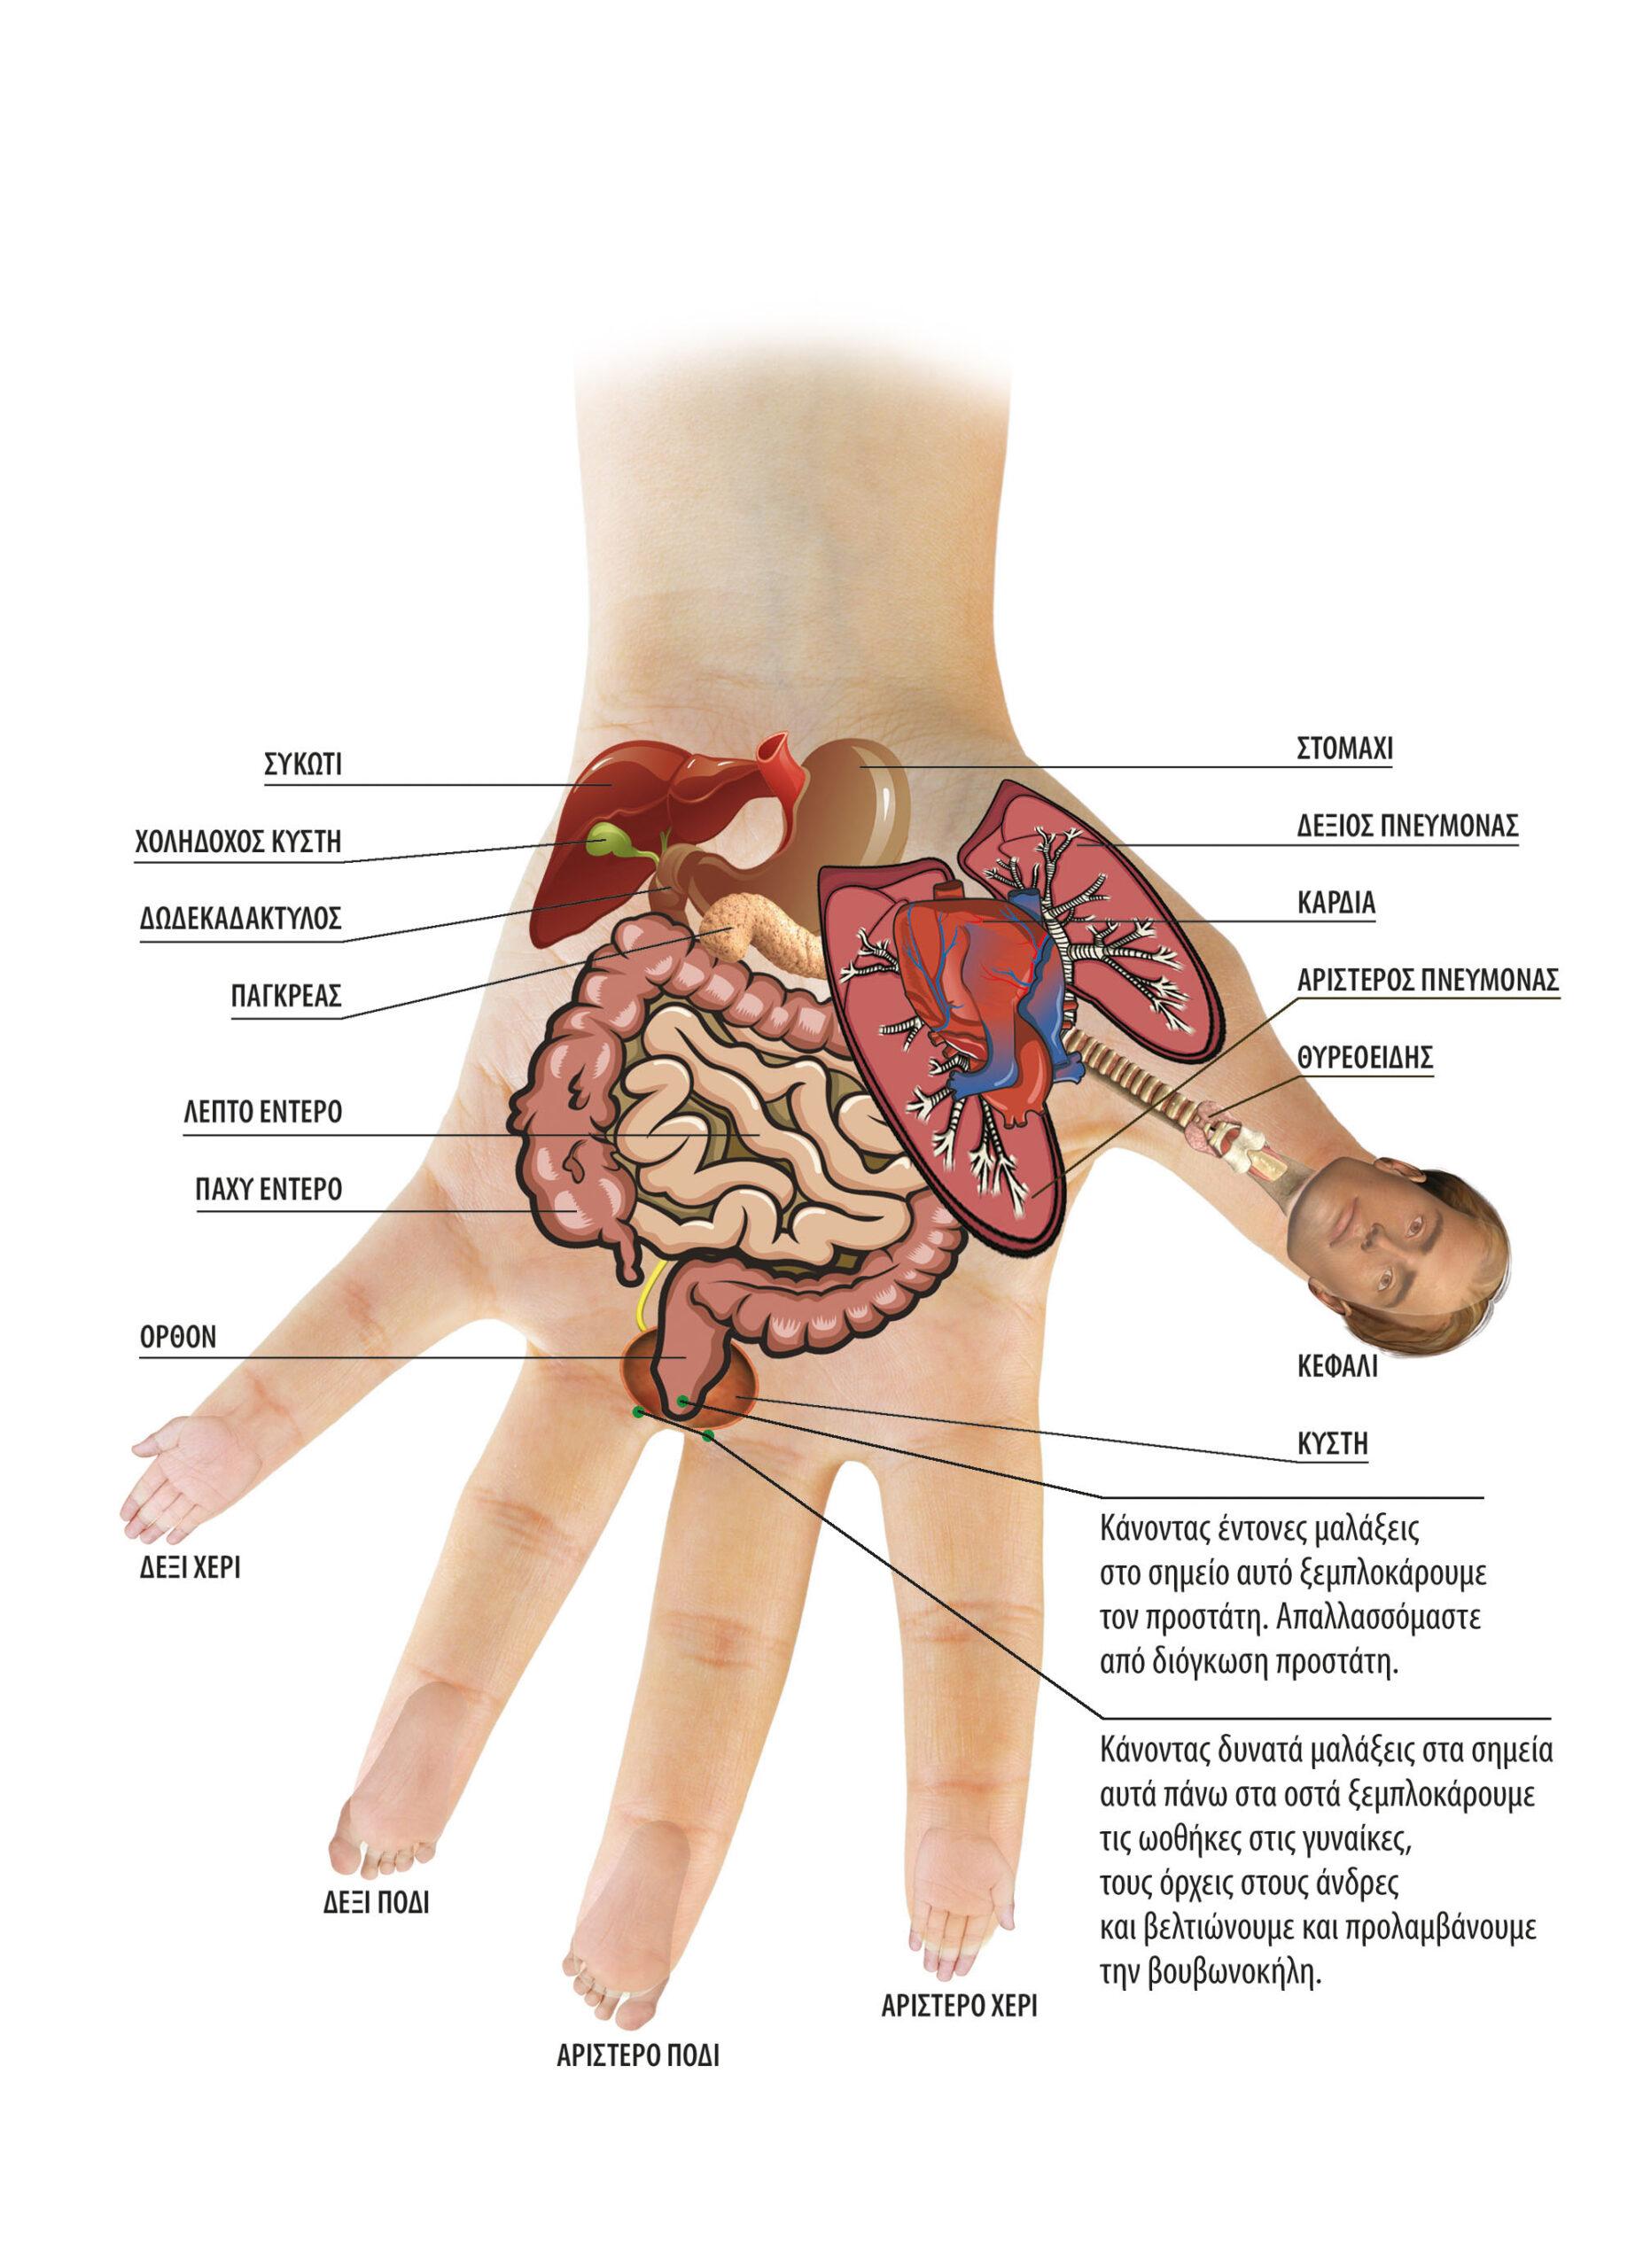 Αυτοθεραπεία από κύστες στις ωοθήκες της Σοφίας Λεμονή και της Νανση Δημητρίου 1